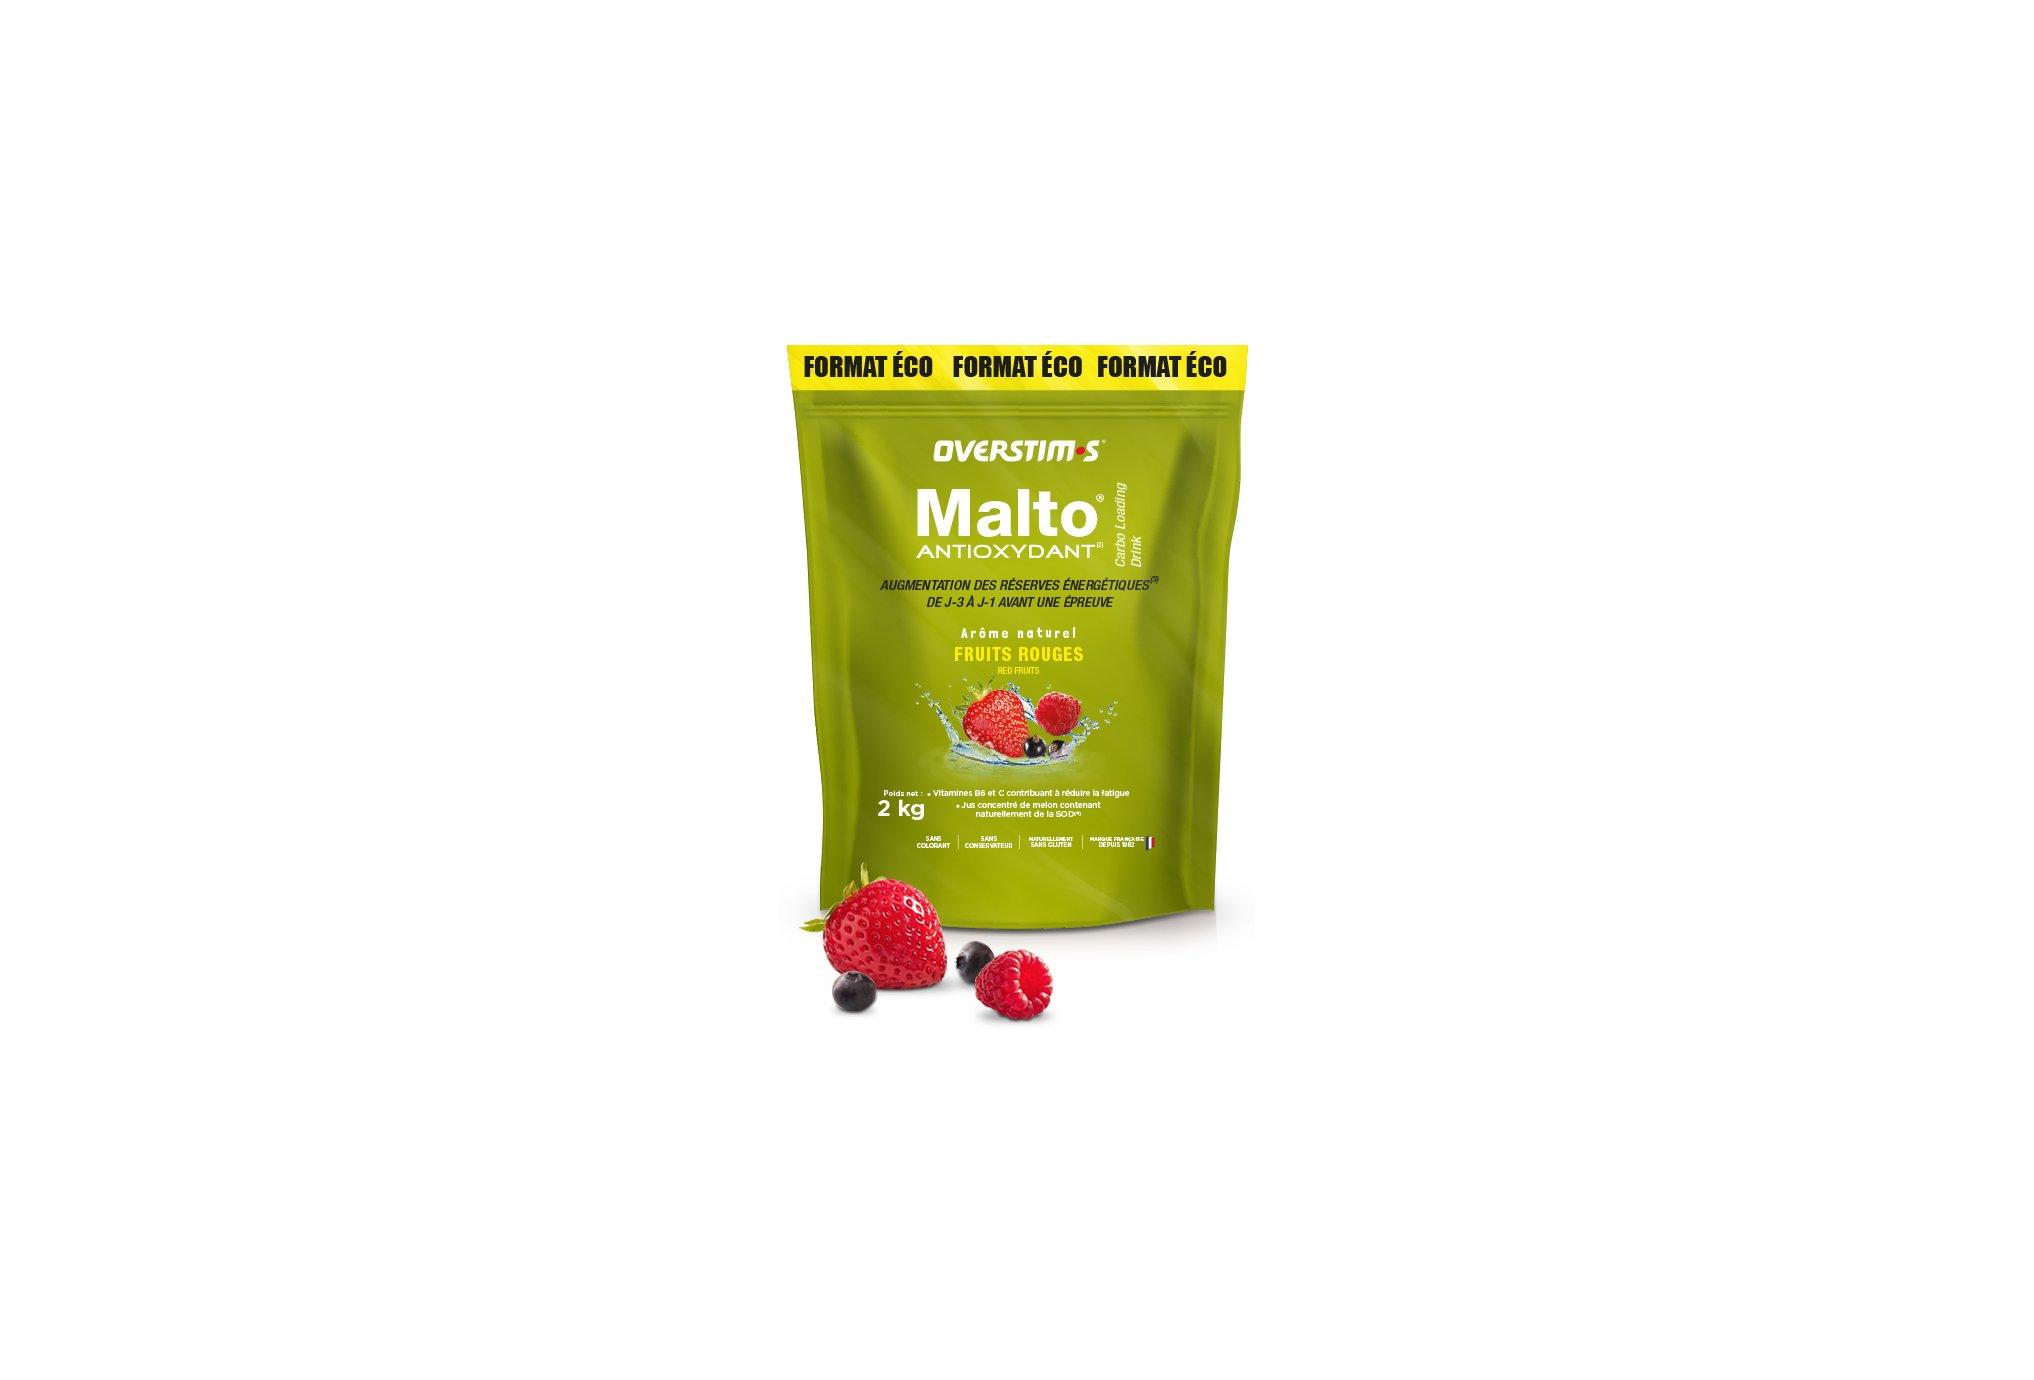 OVERSTIMS Malto Antioxydant 2 kg - Fruit rouges Diététique Préparation